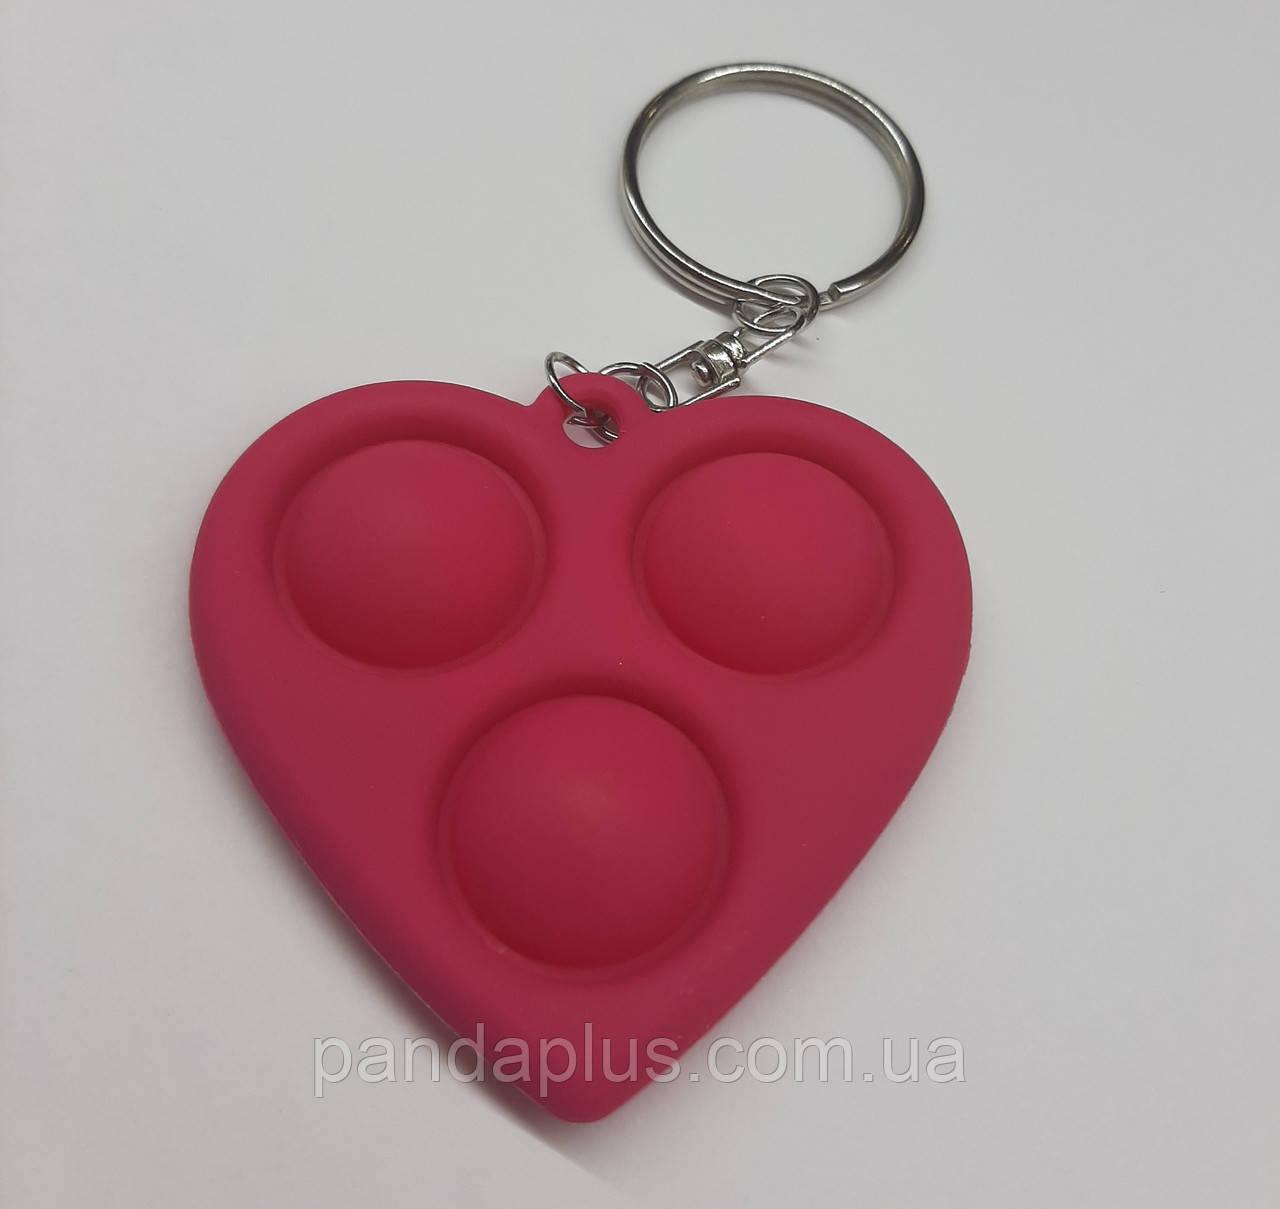 Игрушка Симпл Димпл  антистресс брелок Simple Dimple сердце розовое тройное